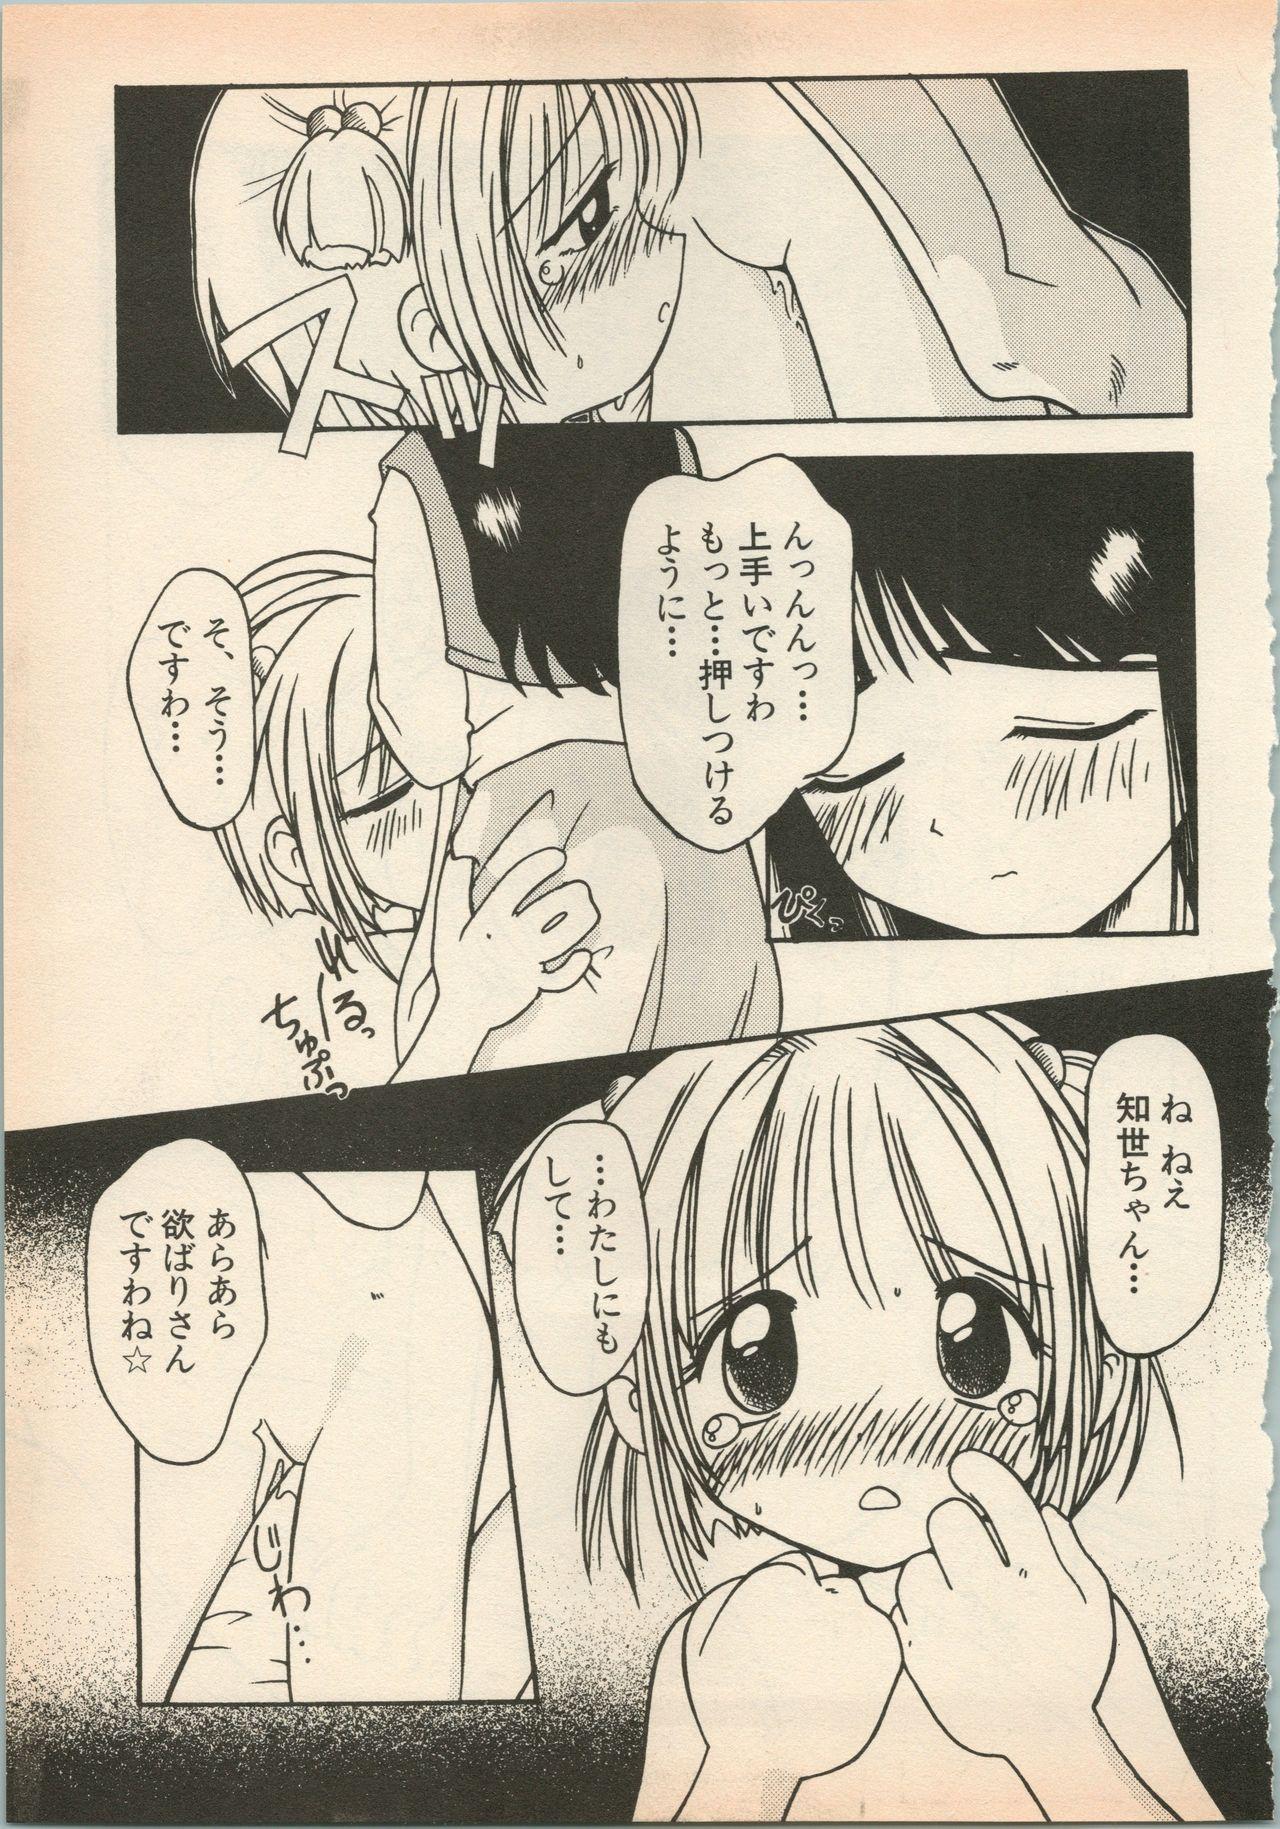 Shin Bishoujo Shoukougun 5 Fukkatsu hen 123